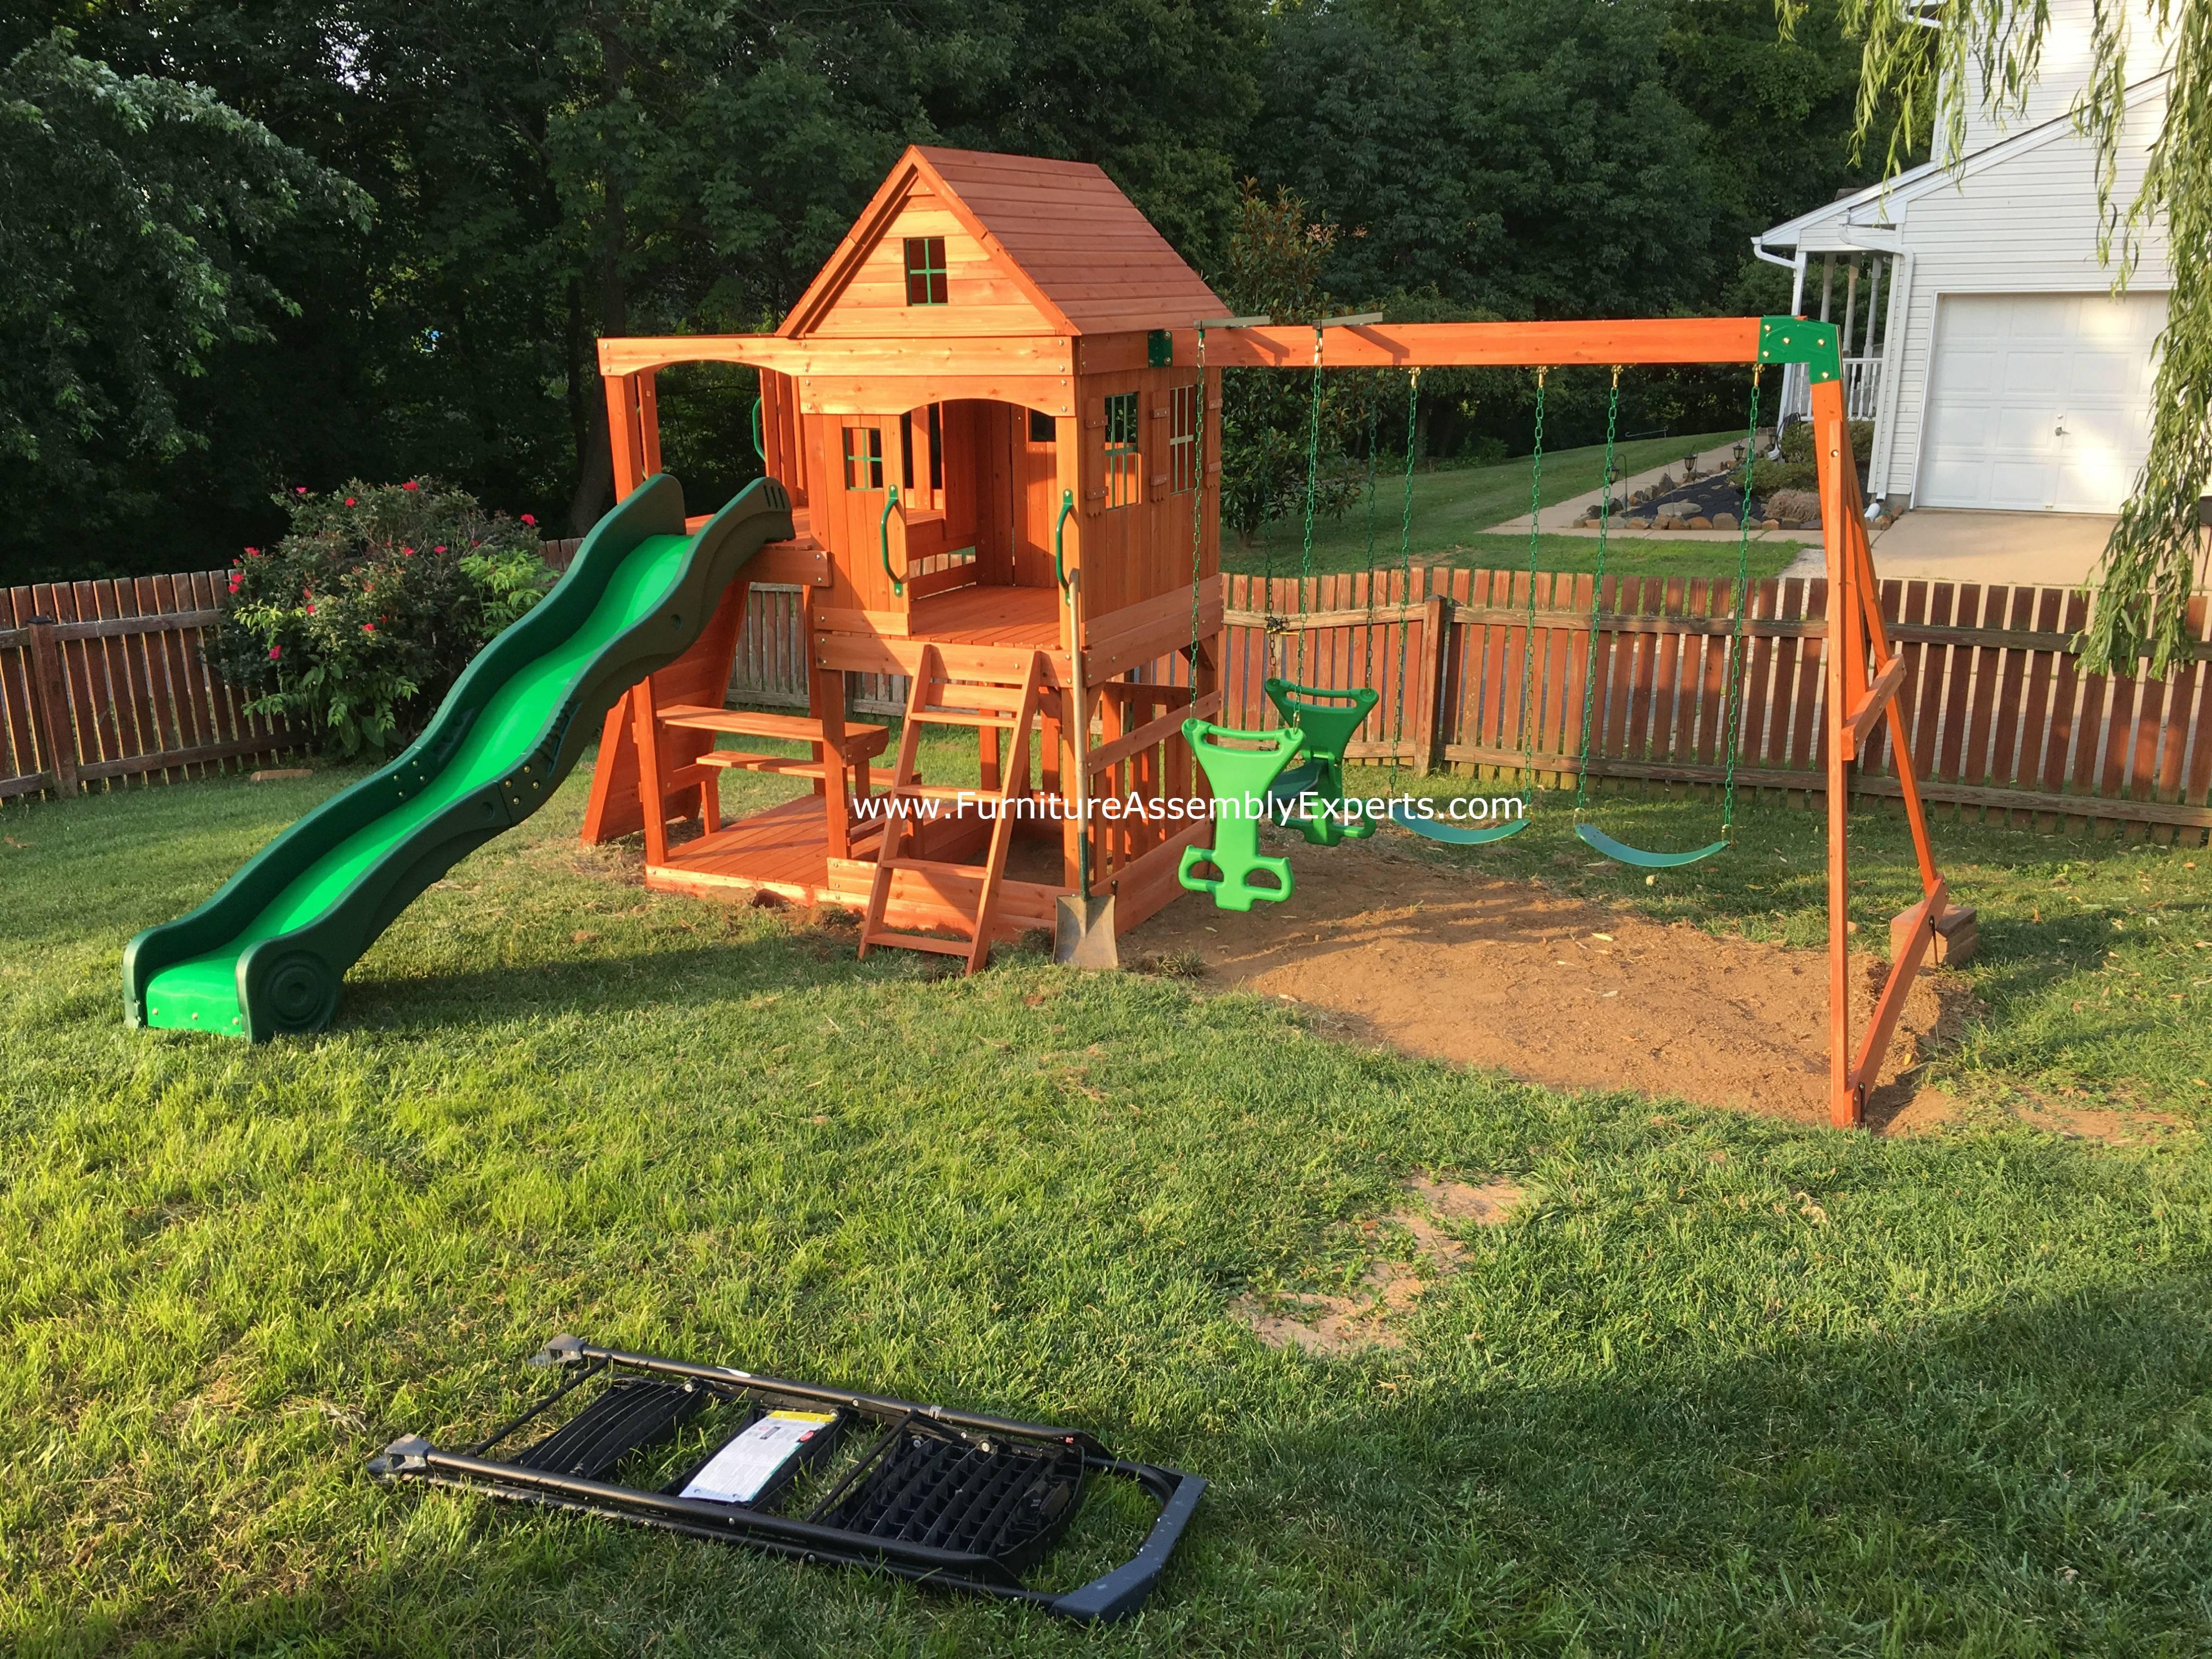 backyard discovery swing set assembly service in brambleton VA